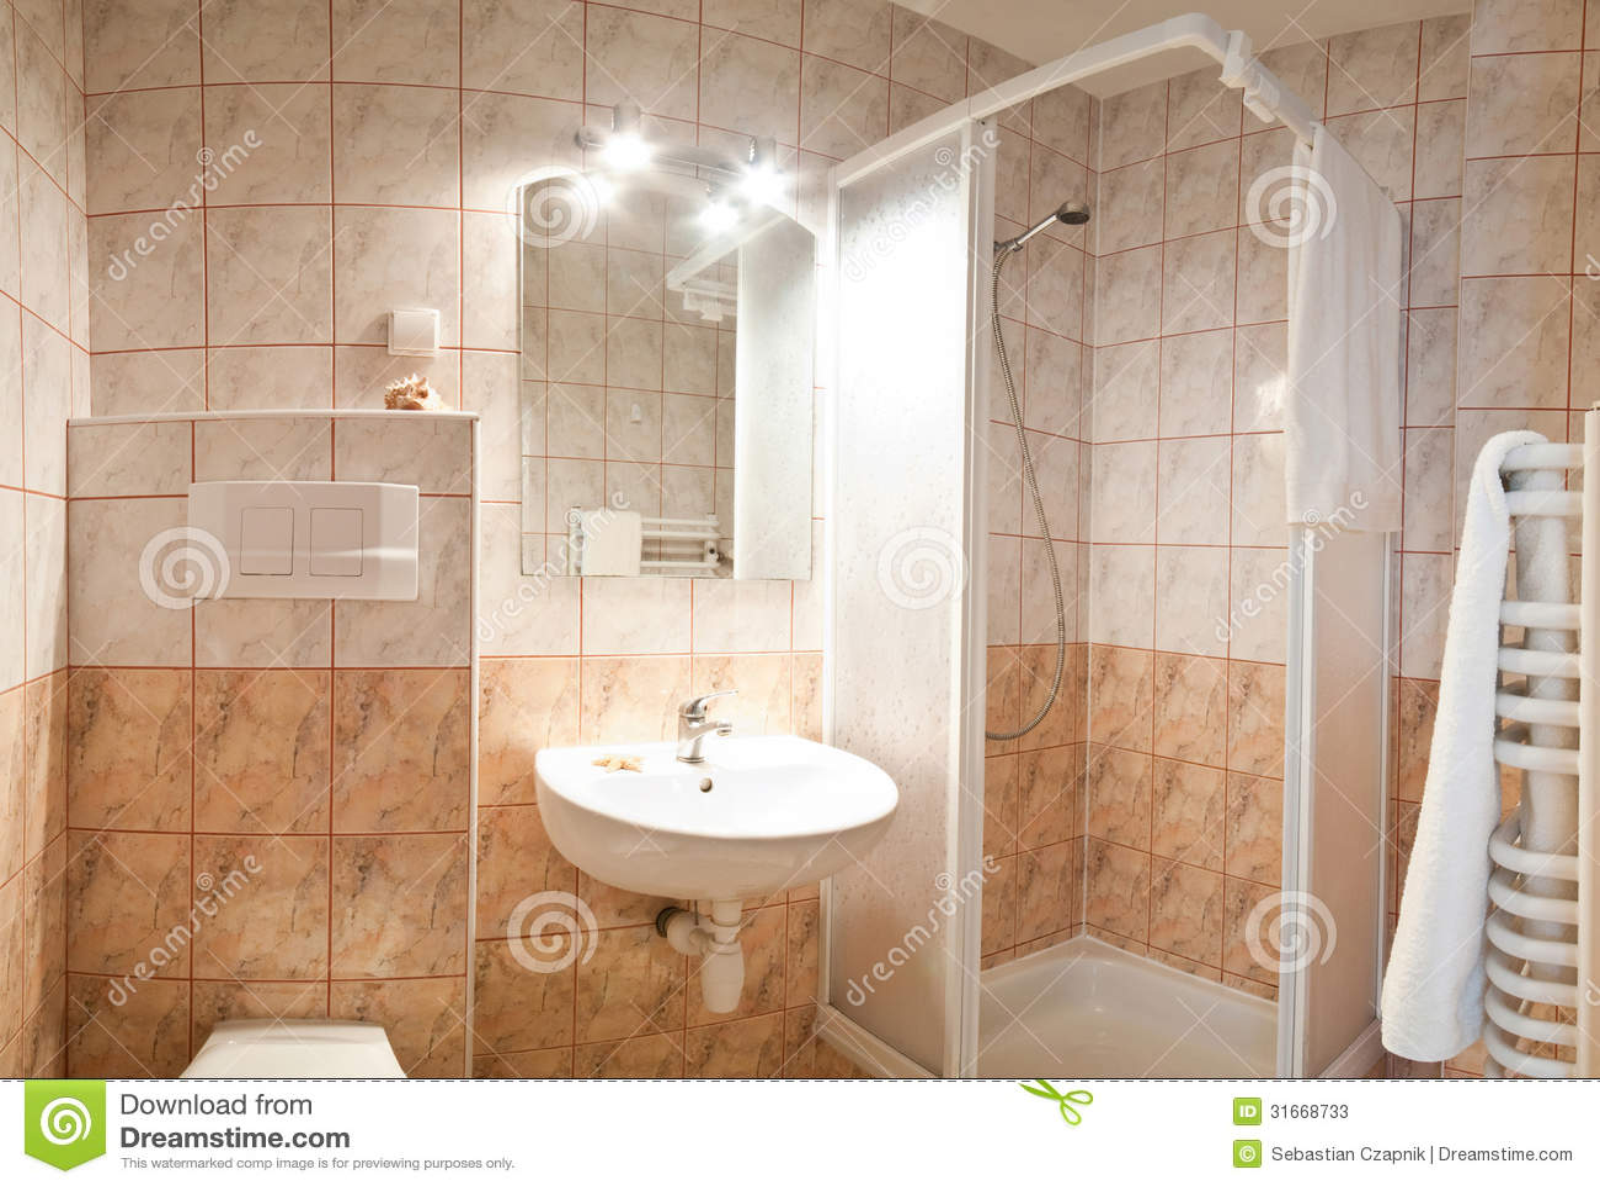 Banheiro Moderno Luxuoso Fotos de Stock Imagem: 31668733 #84A922 1300x982 Banheiro Bonito E Moderno